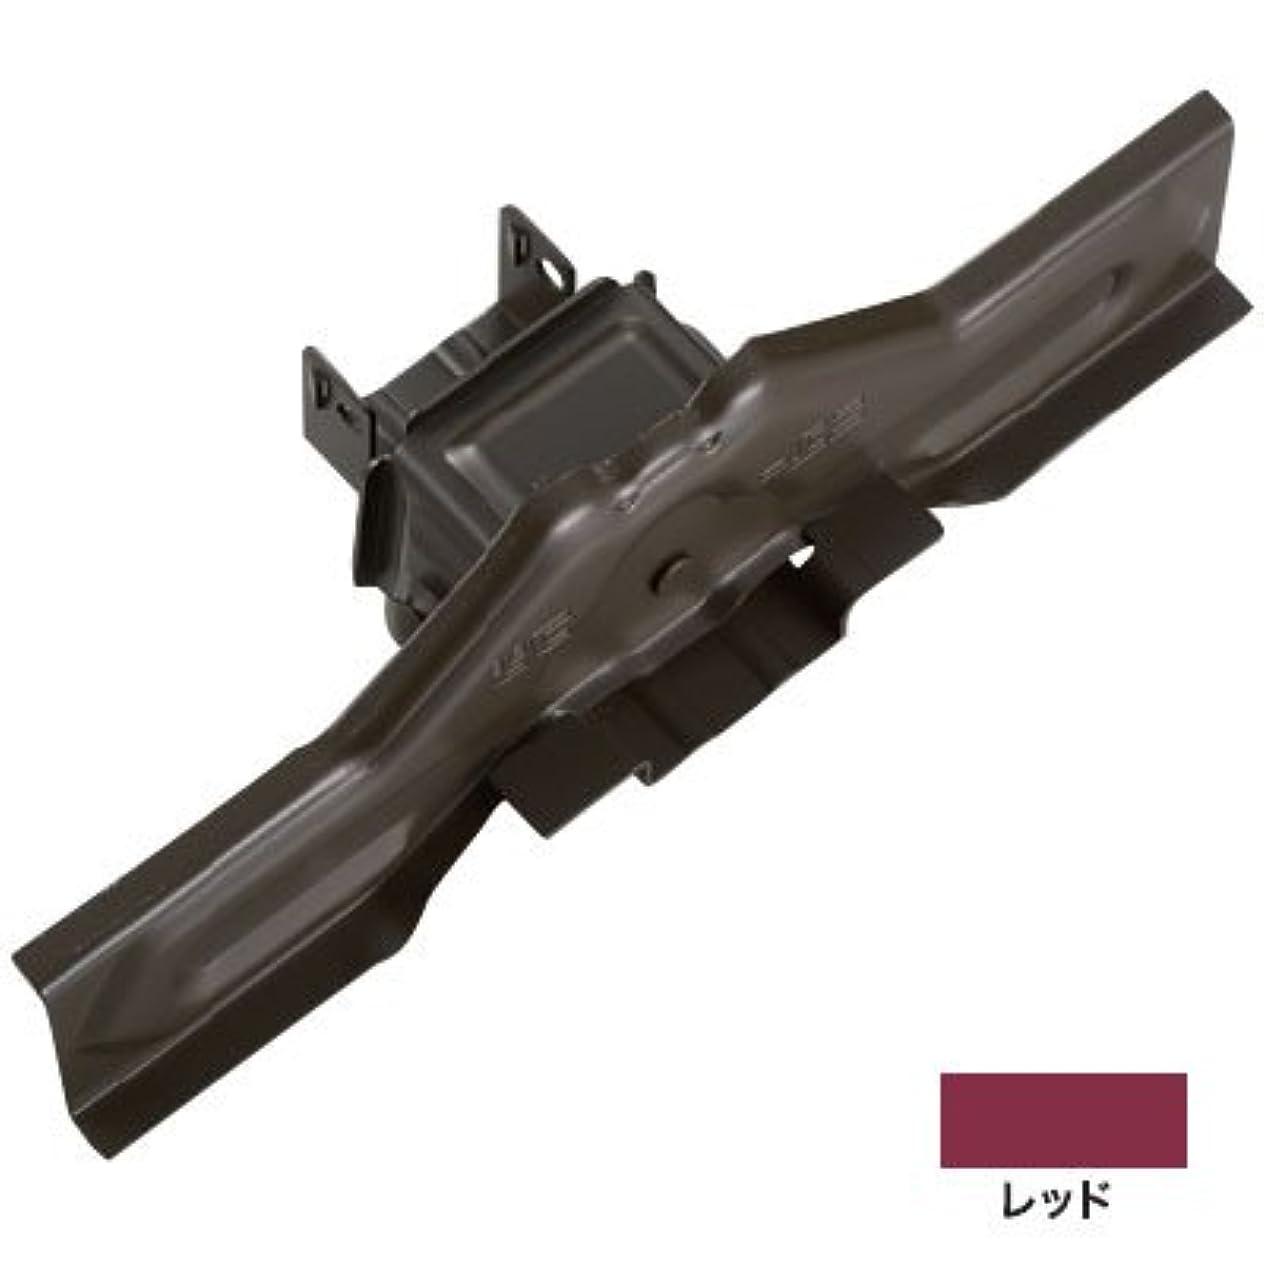 ムスタチオ大惨事ドア白幡 ニューフジ林式 54mm 300mm 亜鉛?レッド(1箱?30個価格) ※受注生産品 H-6